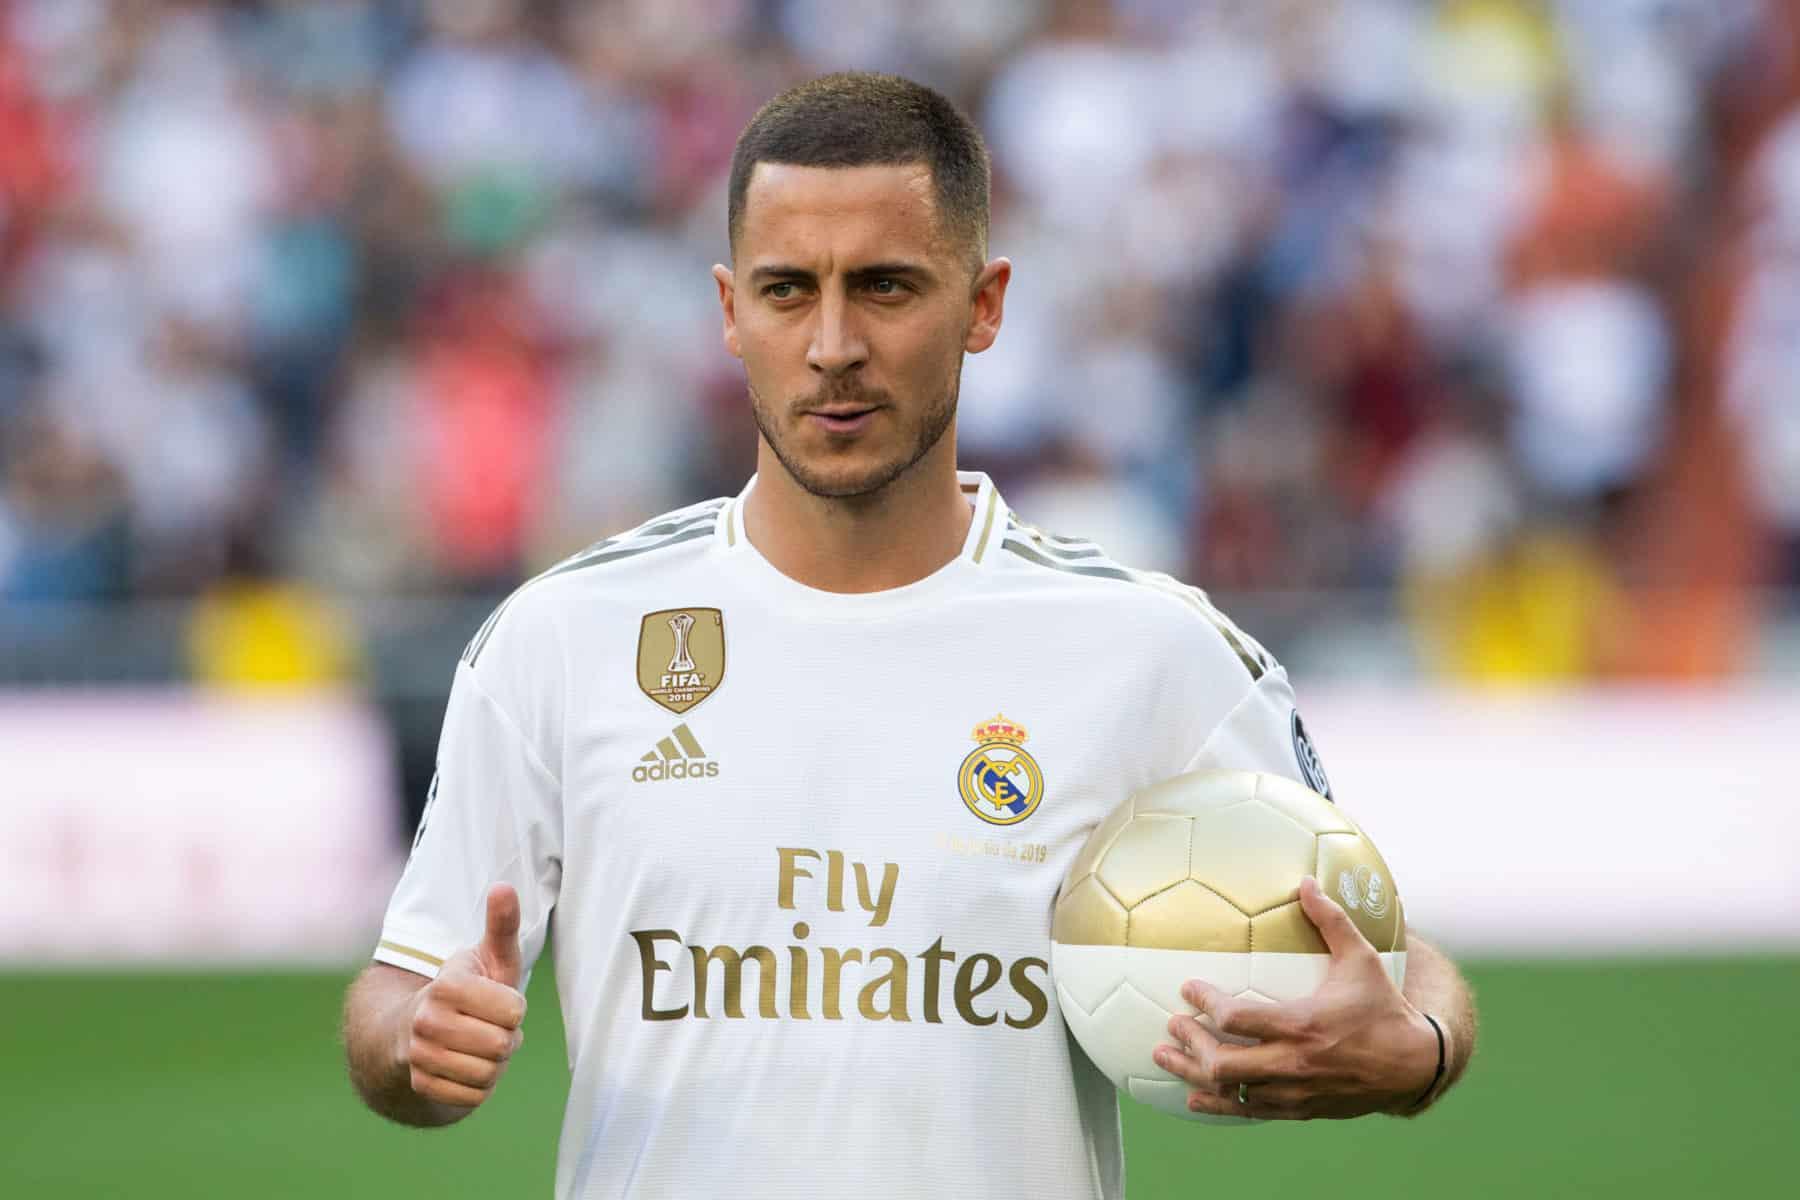 meilleur service 827bc 37de5 Real Madrid : Beckham, Michael Jordan, Eden Hazard fait son ...